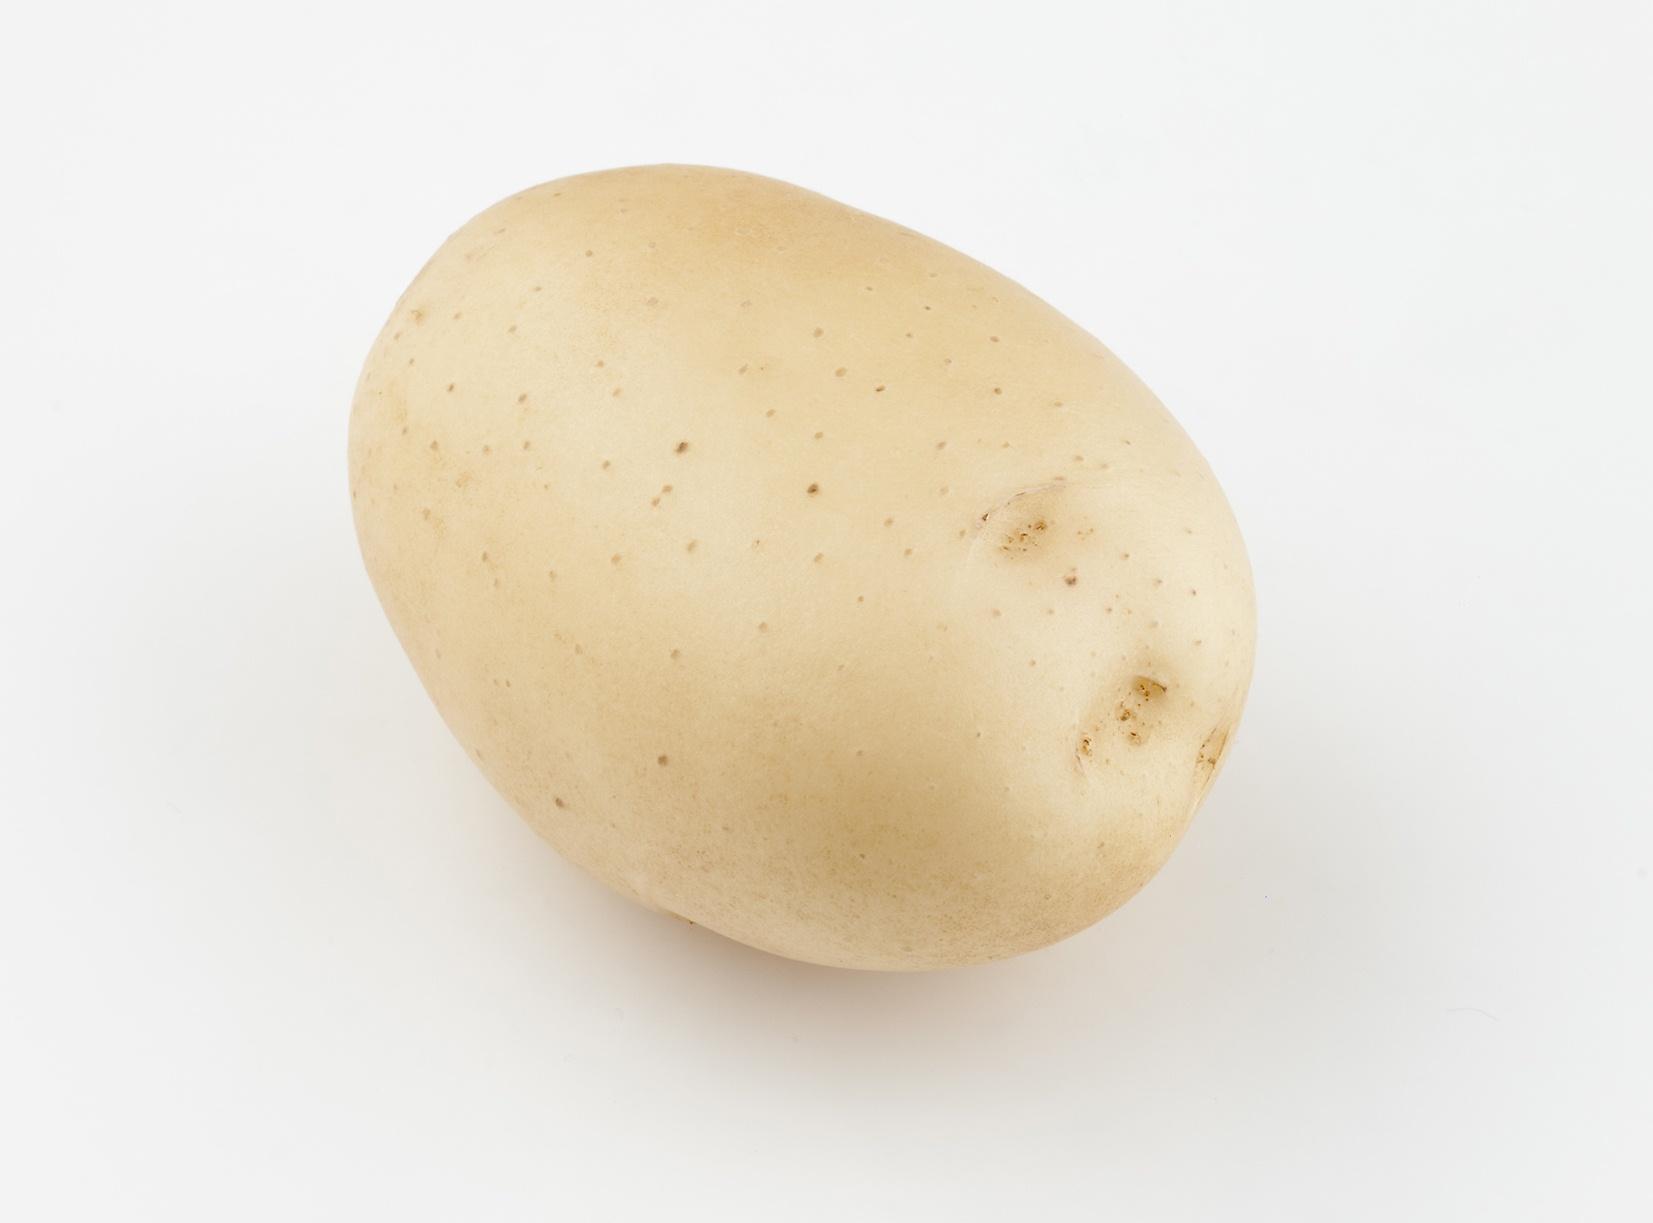 Элитные семена картофеля почтой быстро и недорого